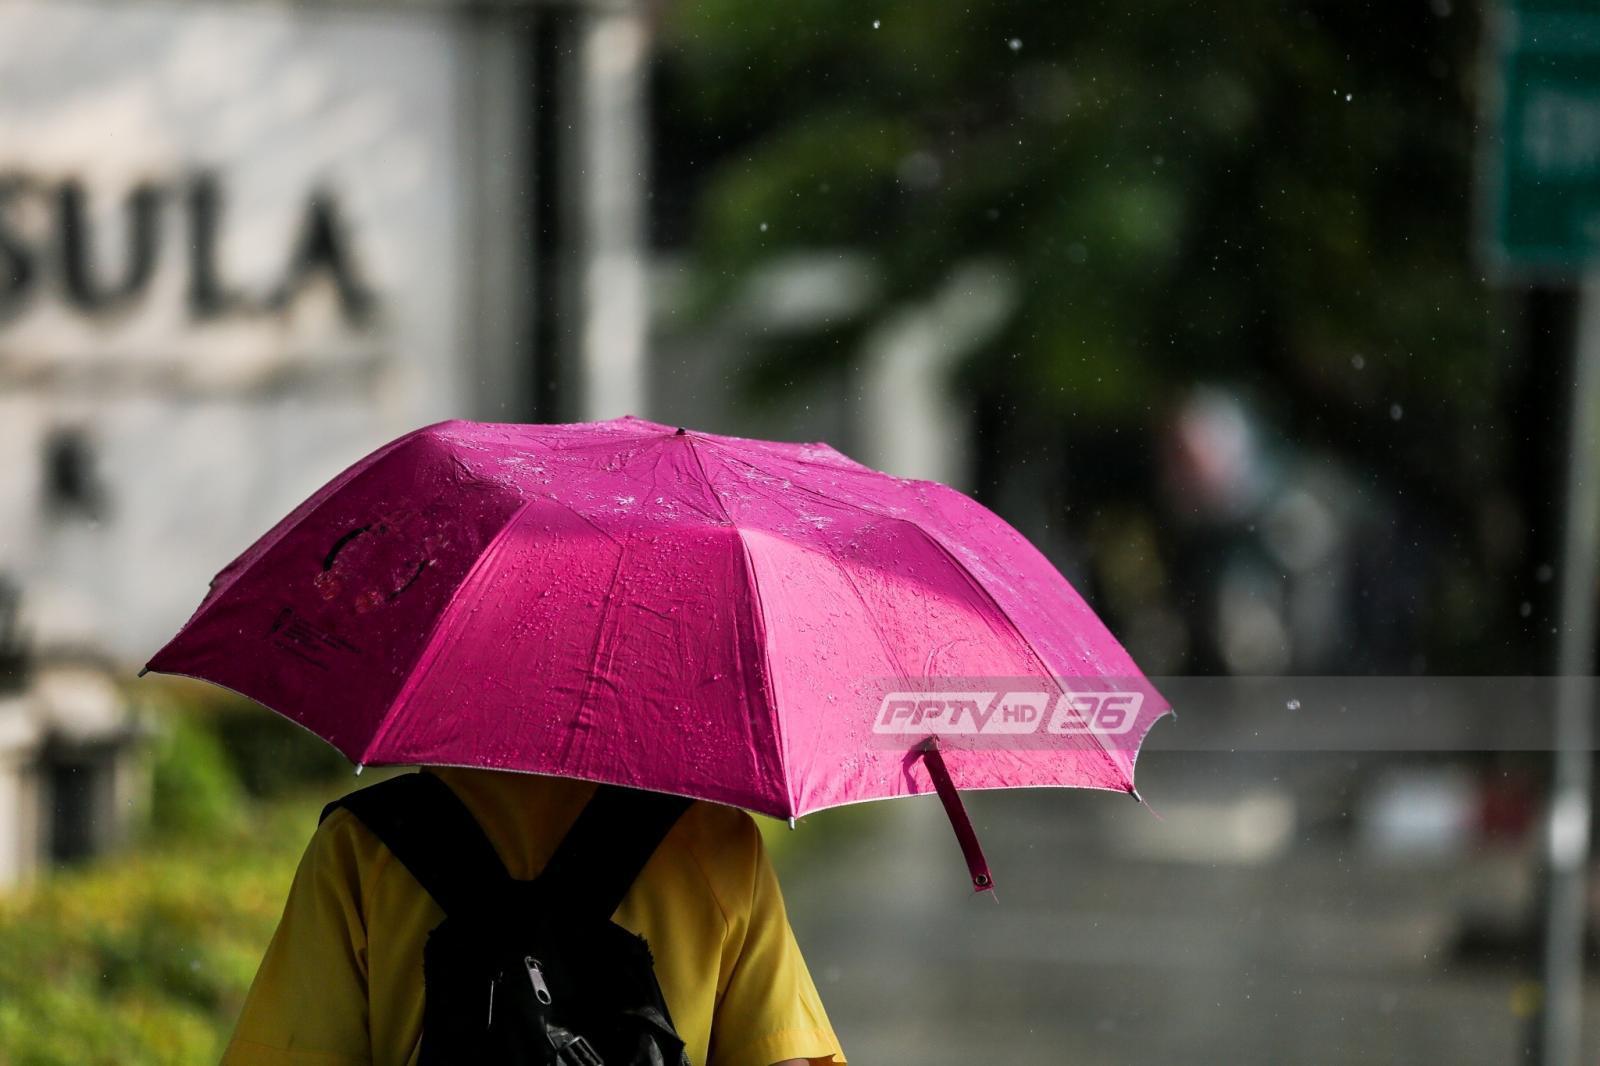 อุตุฯ ชี้ ทั่วไทยมีฝนร้อยละ 20-80